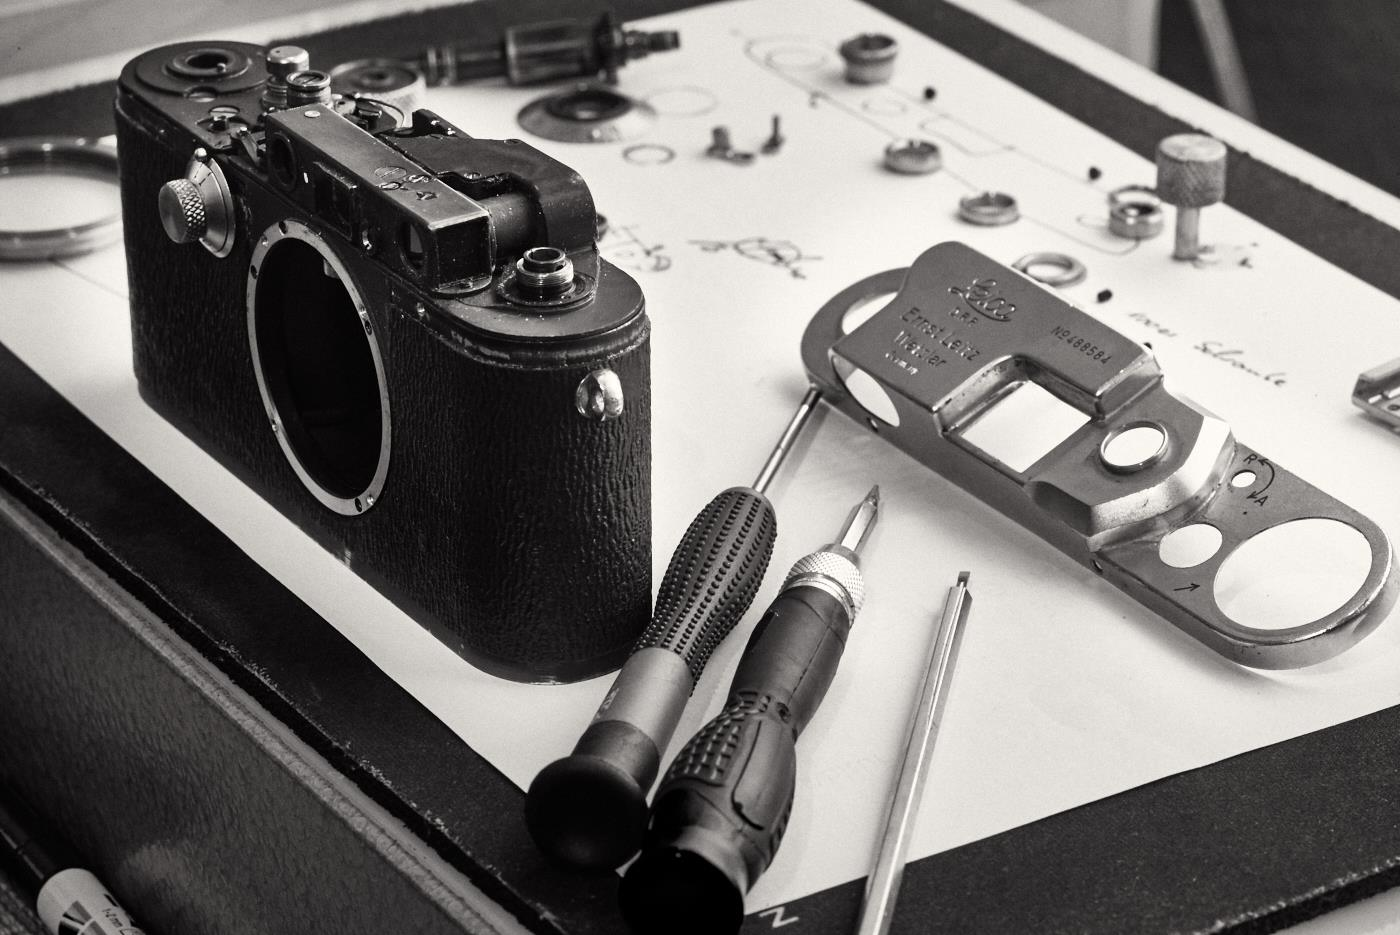 Leica Entfernungsmesser Einstellen : Christoph heinrich fotografie wartung einer leica iii